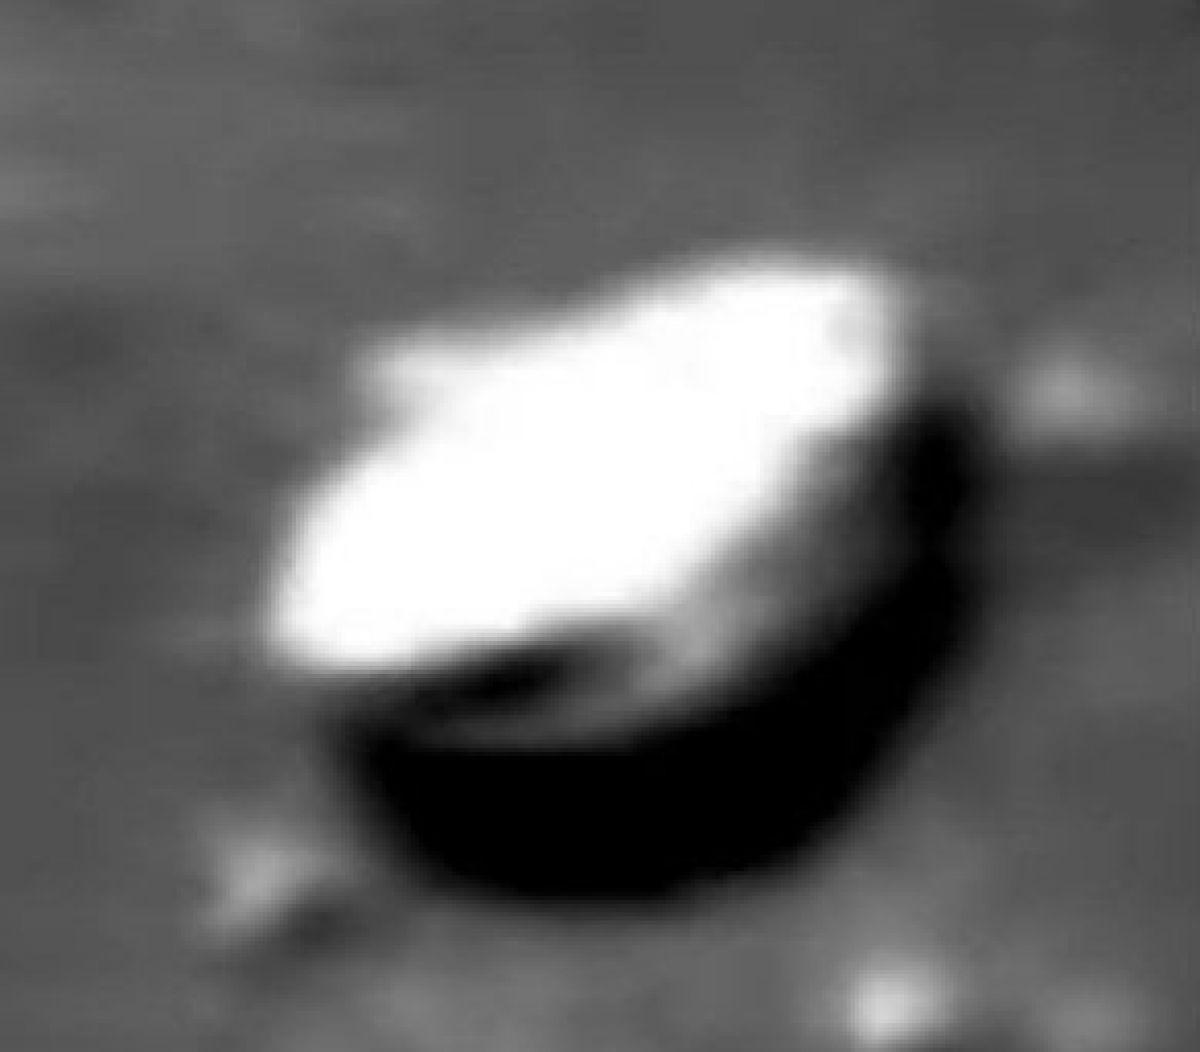 Интересный объект, обнаруженный на Луне, заинтересовал общественность